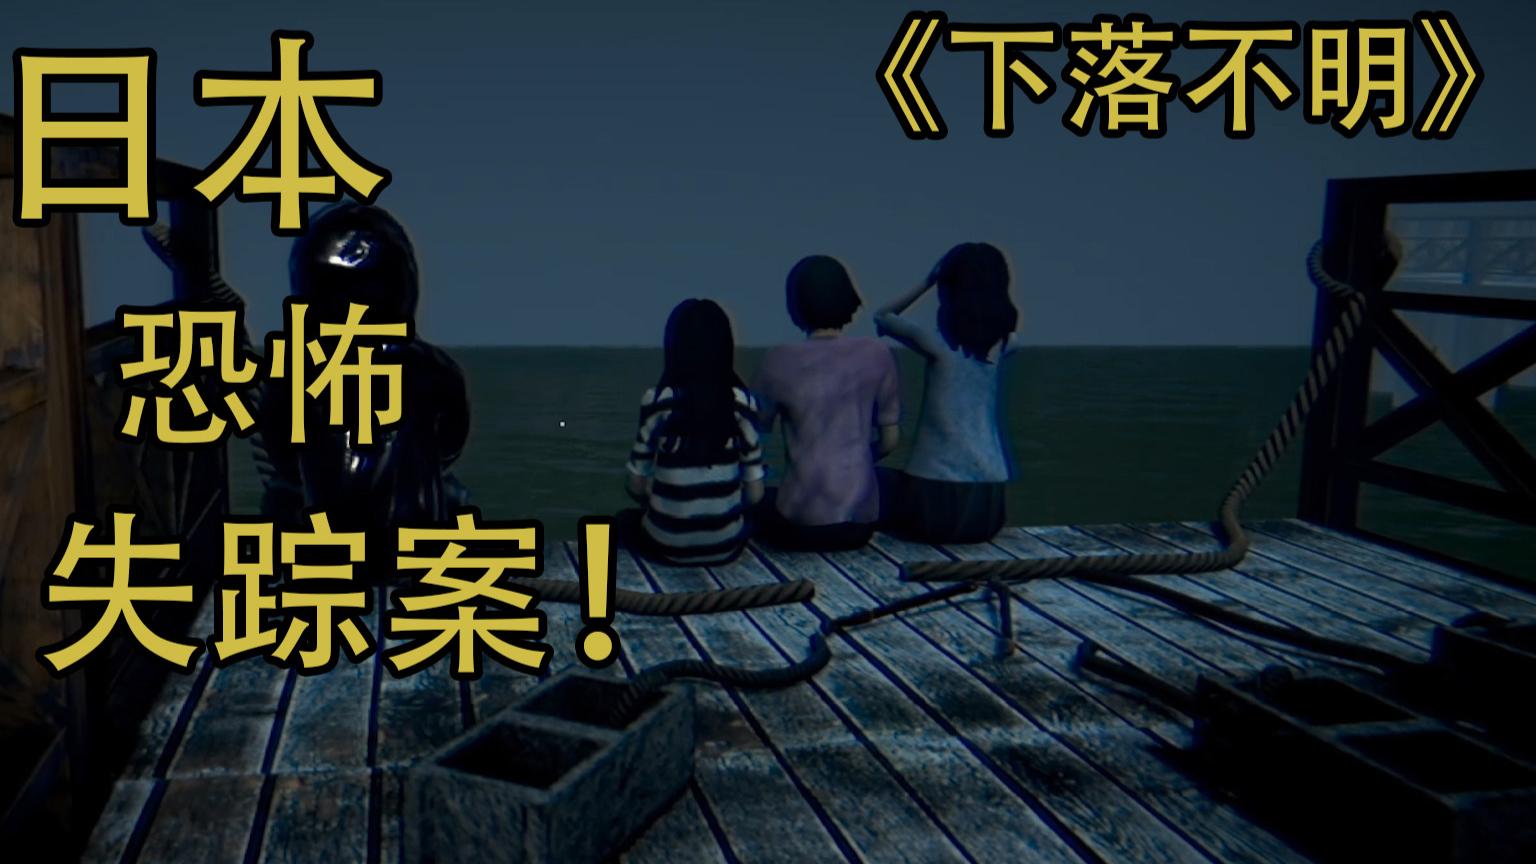 三名儿童被鬼魂引导集体跳河自杀!恐怖游戏【行方不明】